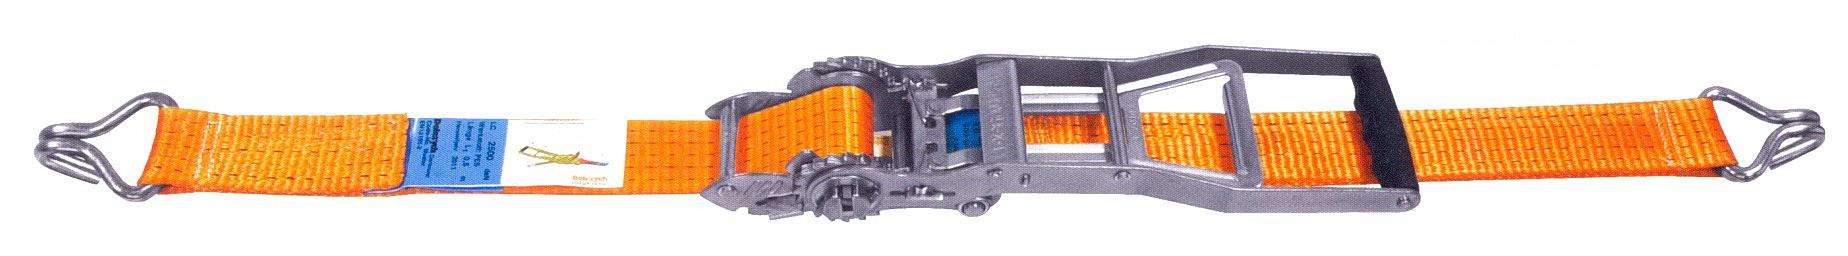 GWS®-Zurrgurt  5.000, mit Multi-Langhebelratsche - STF 600 daN